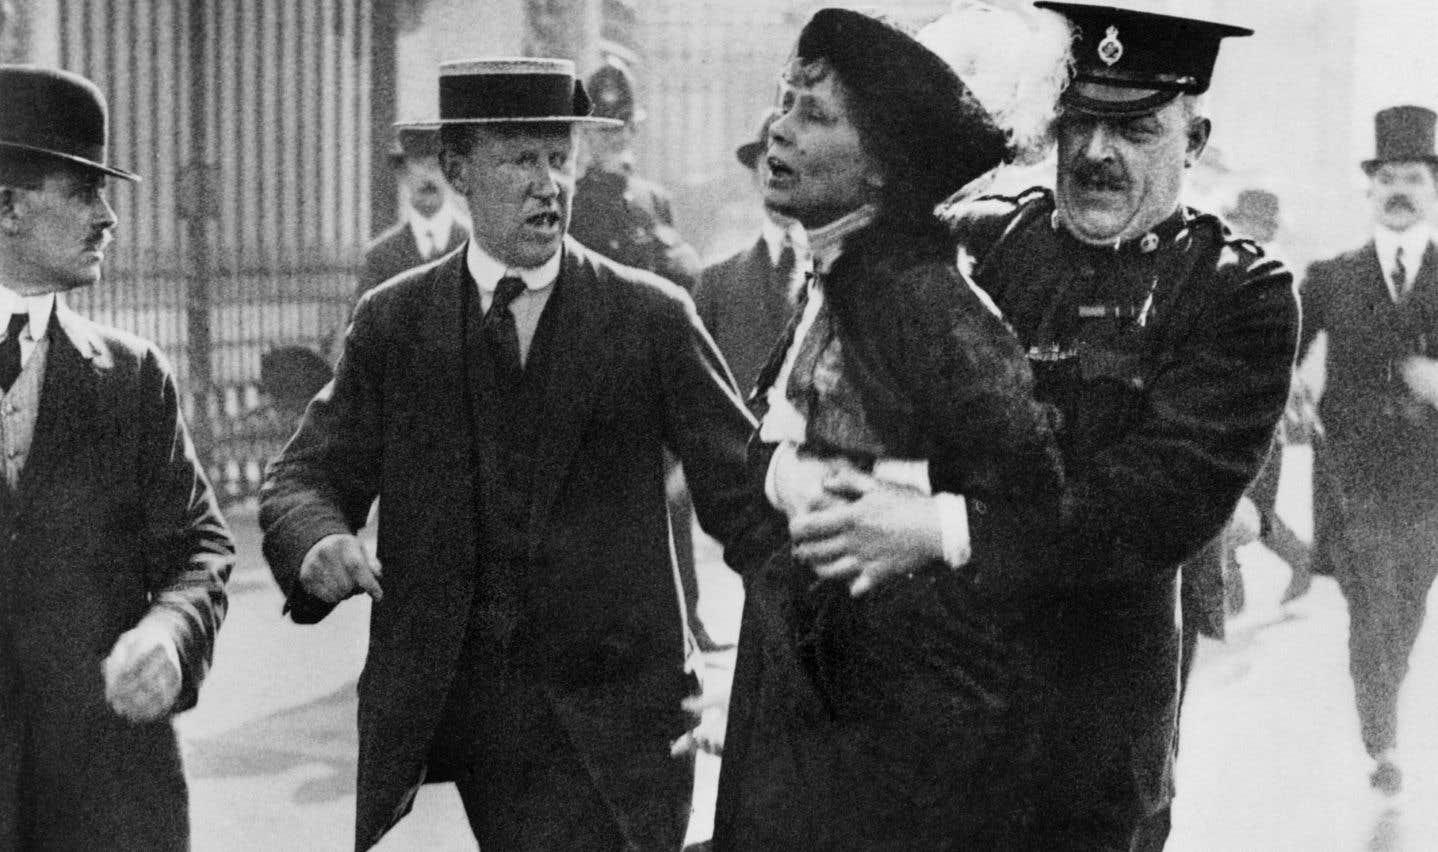 Il y a 100ans, les suffragettes remportaient leur lutte